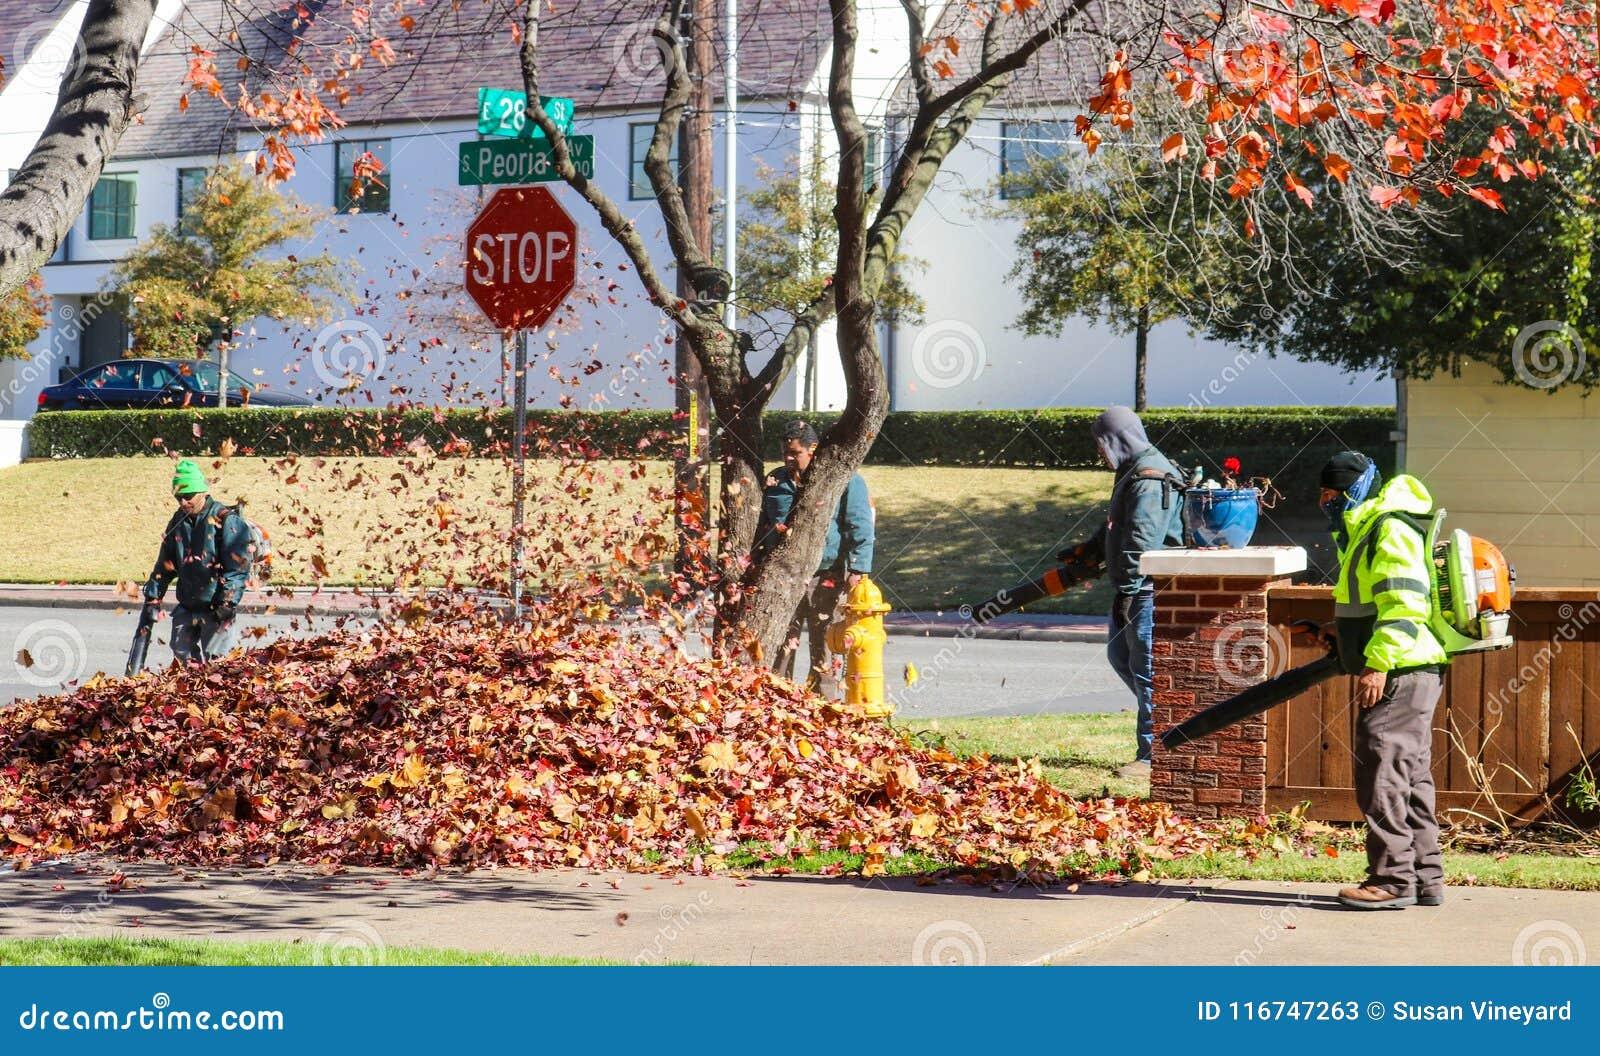 Πλήρωμα των εργαζομένων με τα σακίδια πλάτης και των σακακιών που φυσούν τα φύλλα σε έναν σωρό με τα φύλλα που στροβιλίζονται τον